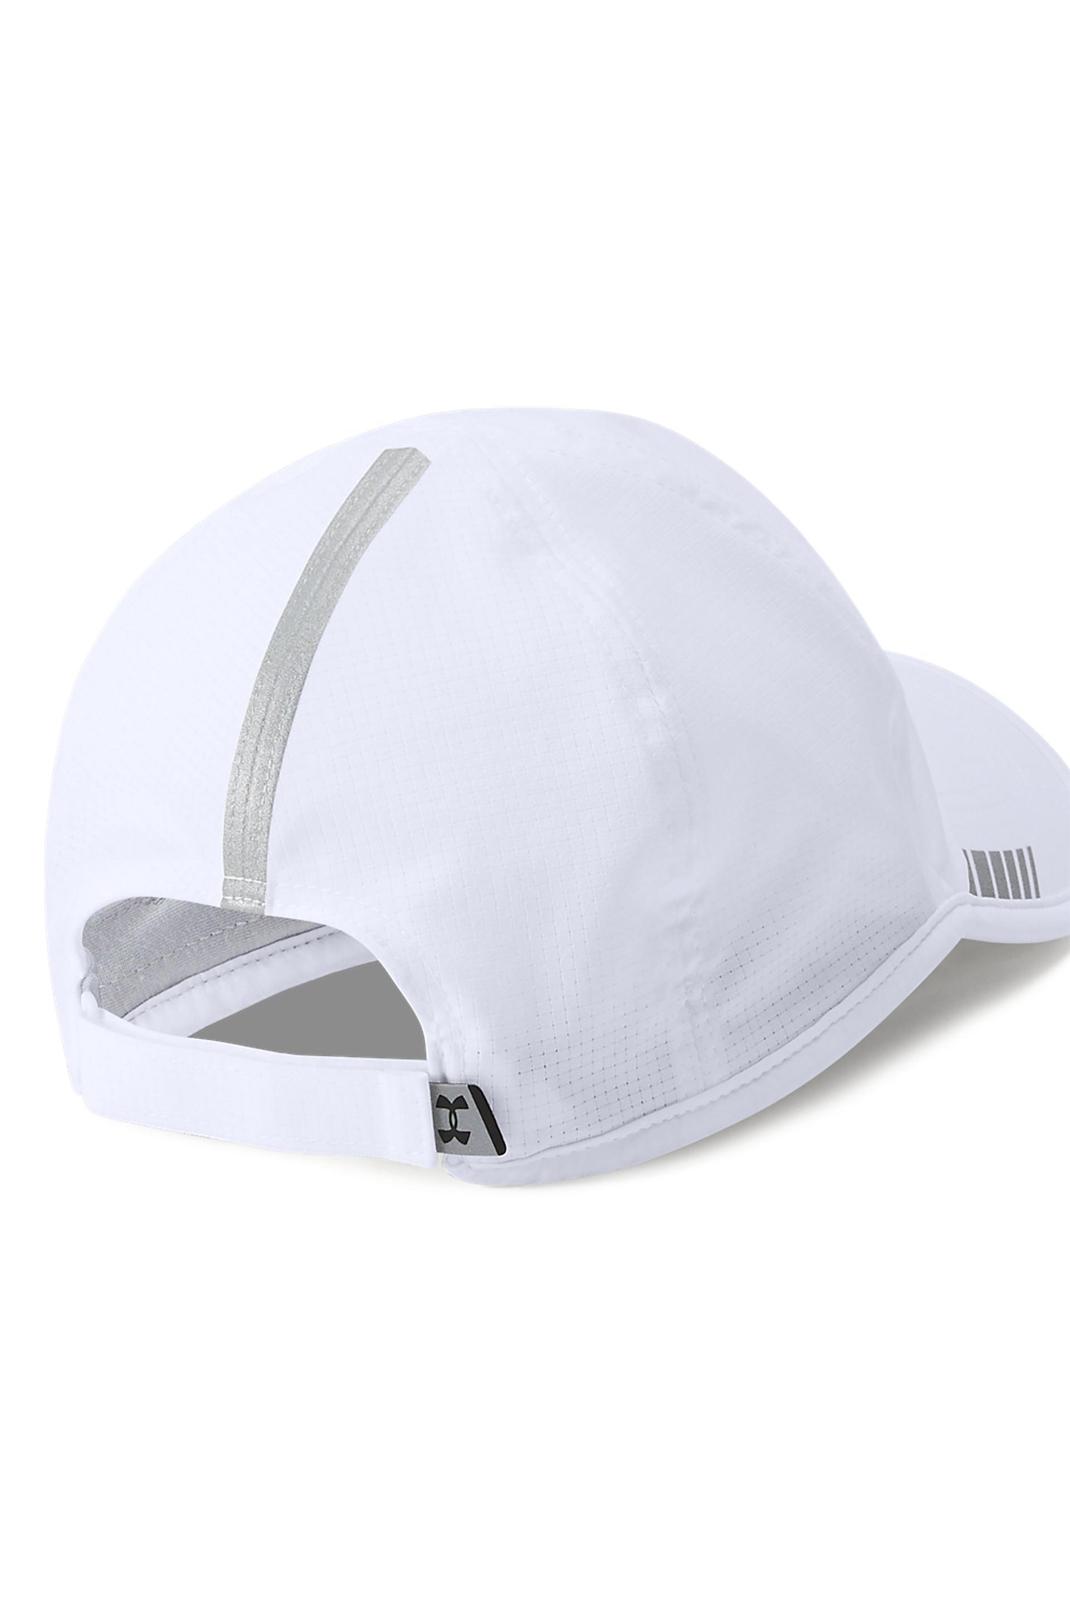 Bonnets / Casquettes  Under armour 1305003-100 100 BLANC